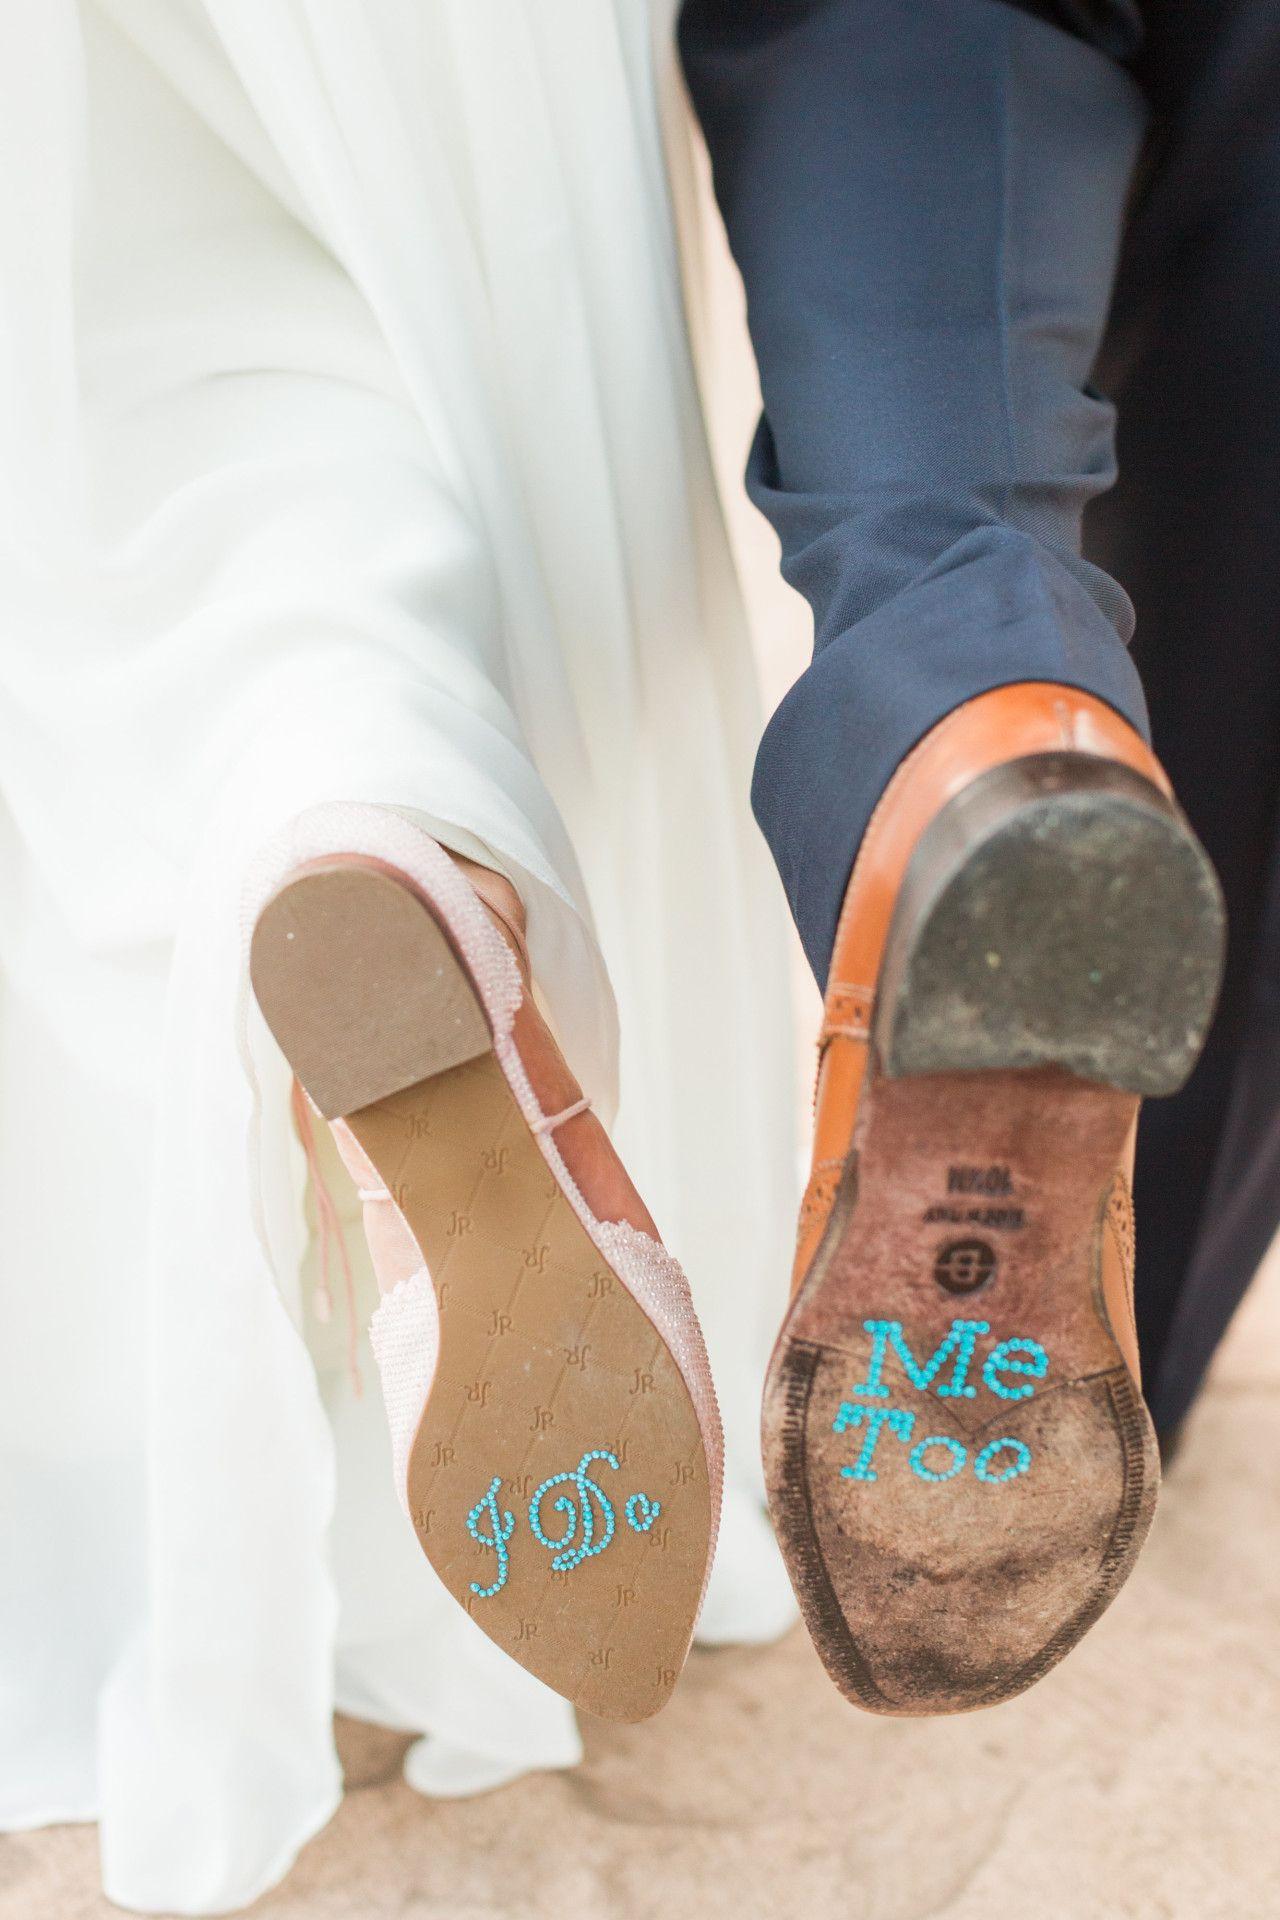 89d2ed10cf DIY wedding ideas | wedding shoe sticker ideas |